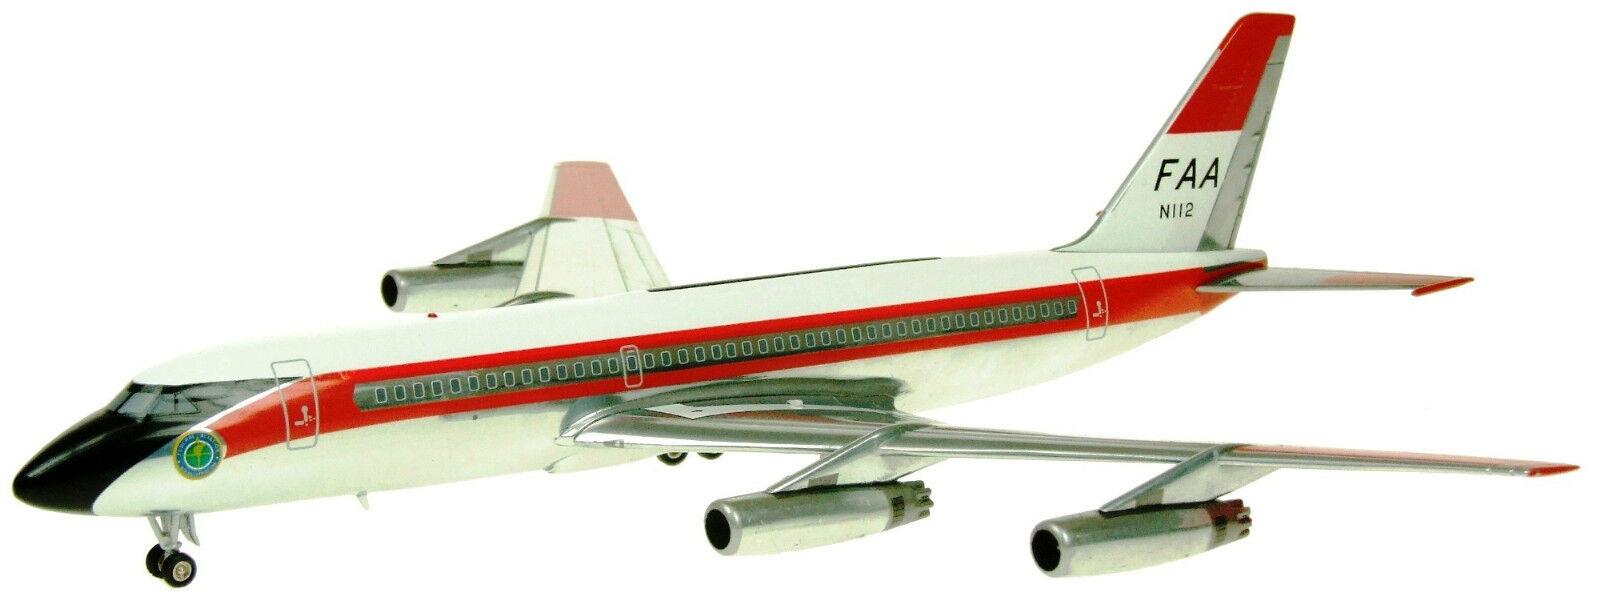 Av200 Av2880faap 1 200 Convair 880 US Federal Luftfahrt Verwaltung Faa N112